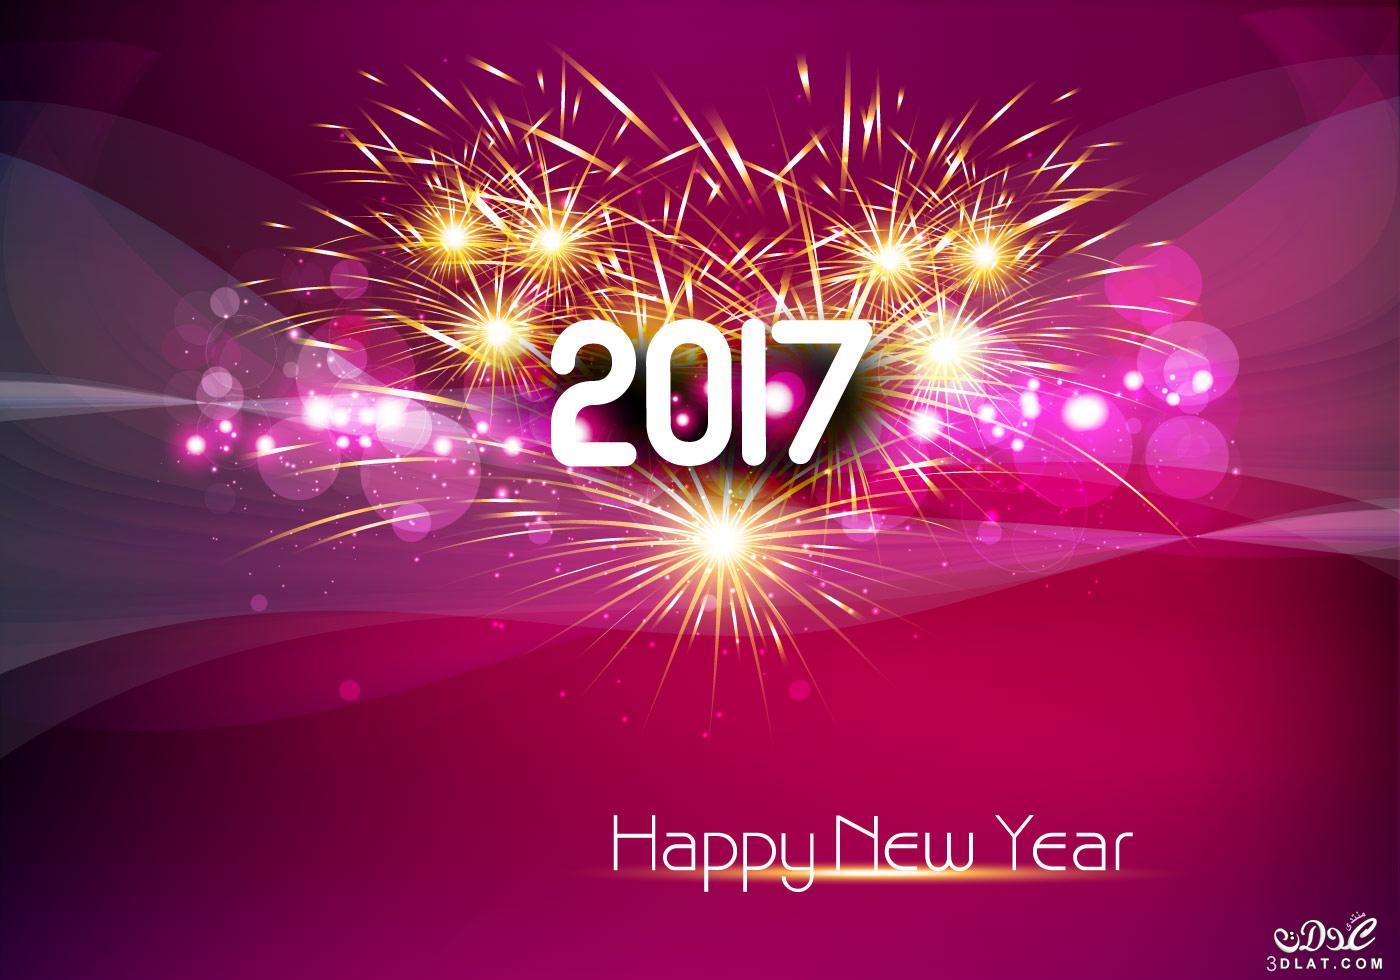 خلفيات جديدة لراس السنة الميلادية 2017 , اروع الخلفيات للعام الجديد , احدث الرمزيات للعام 2017 new_1479739243_404.j